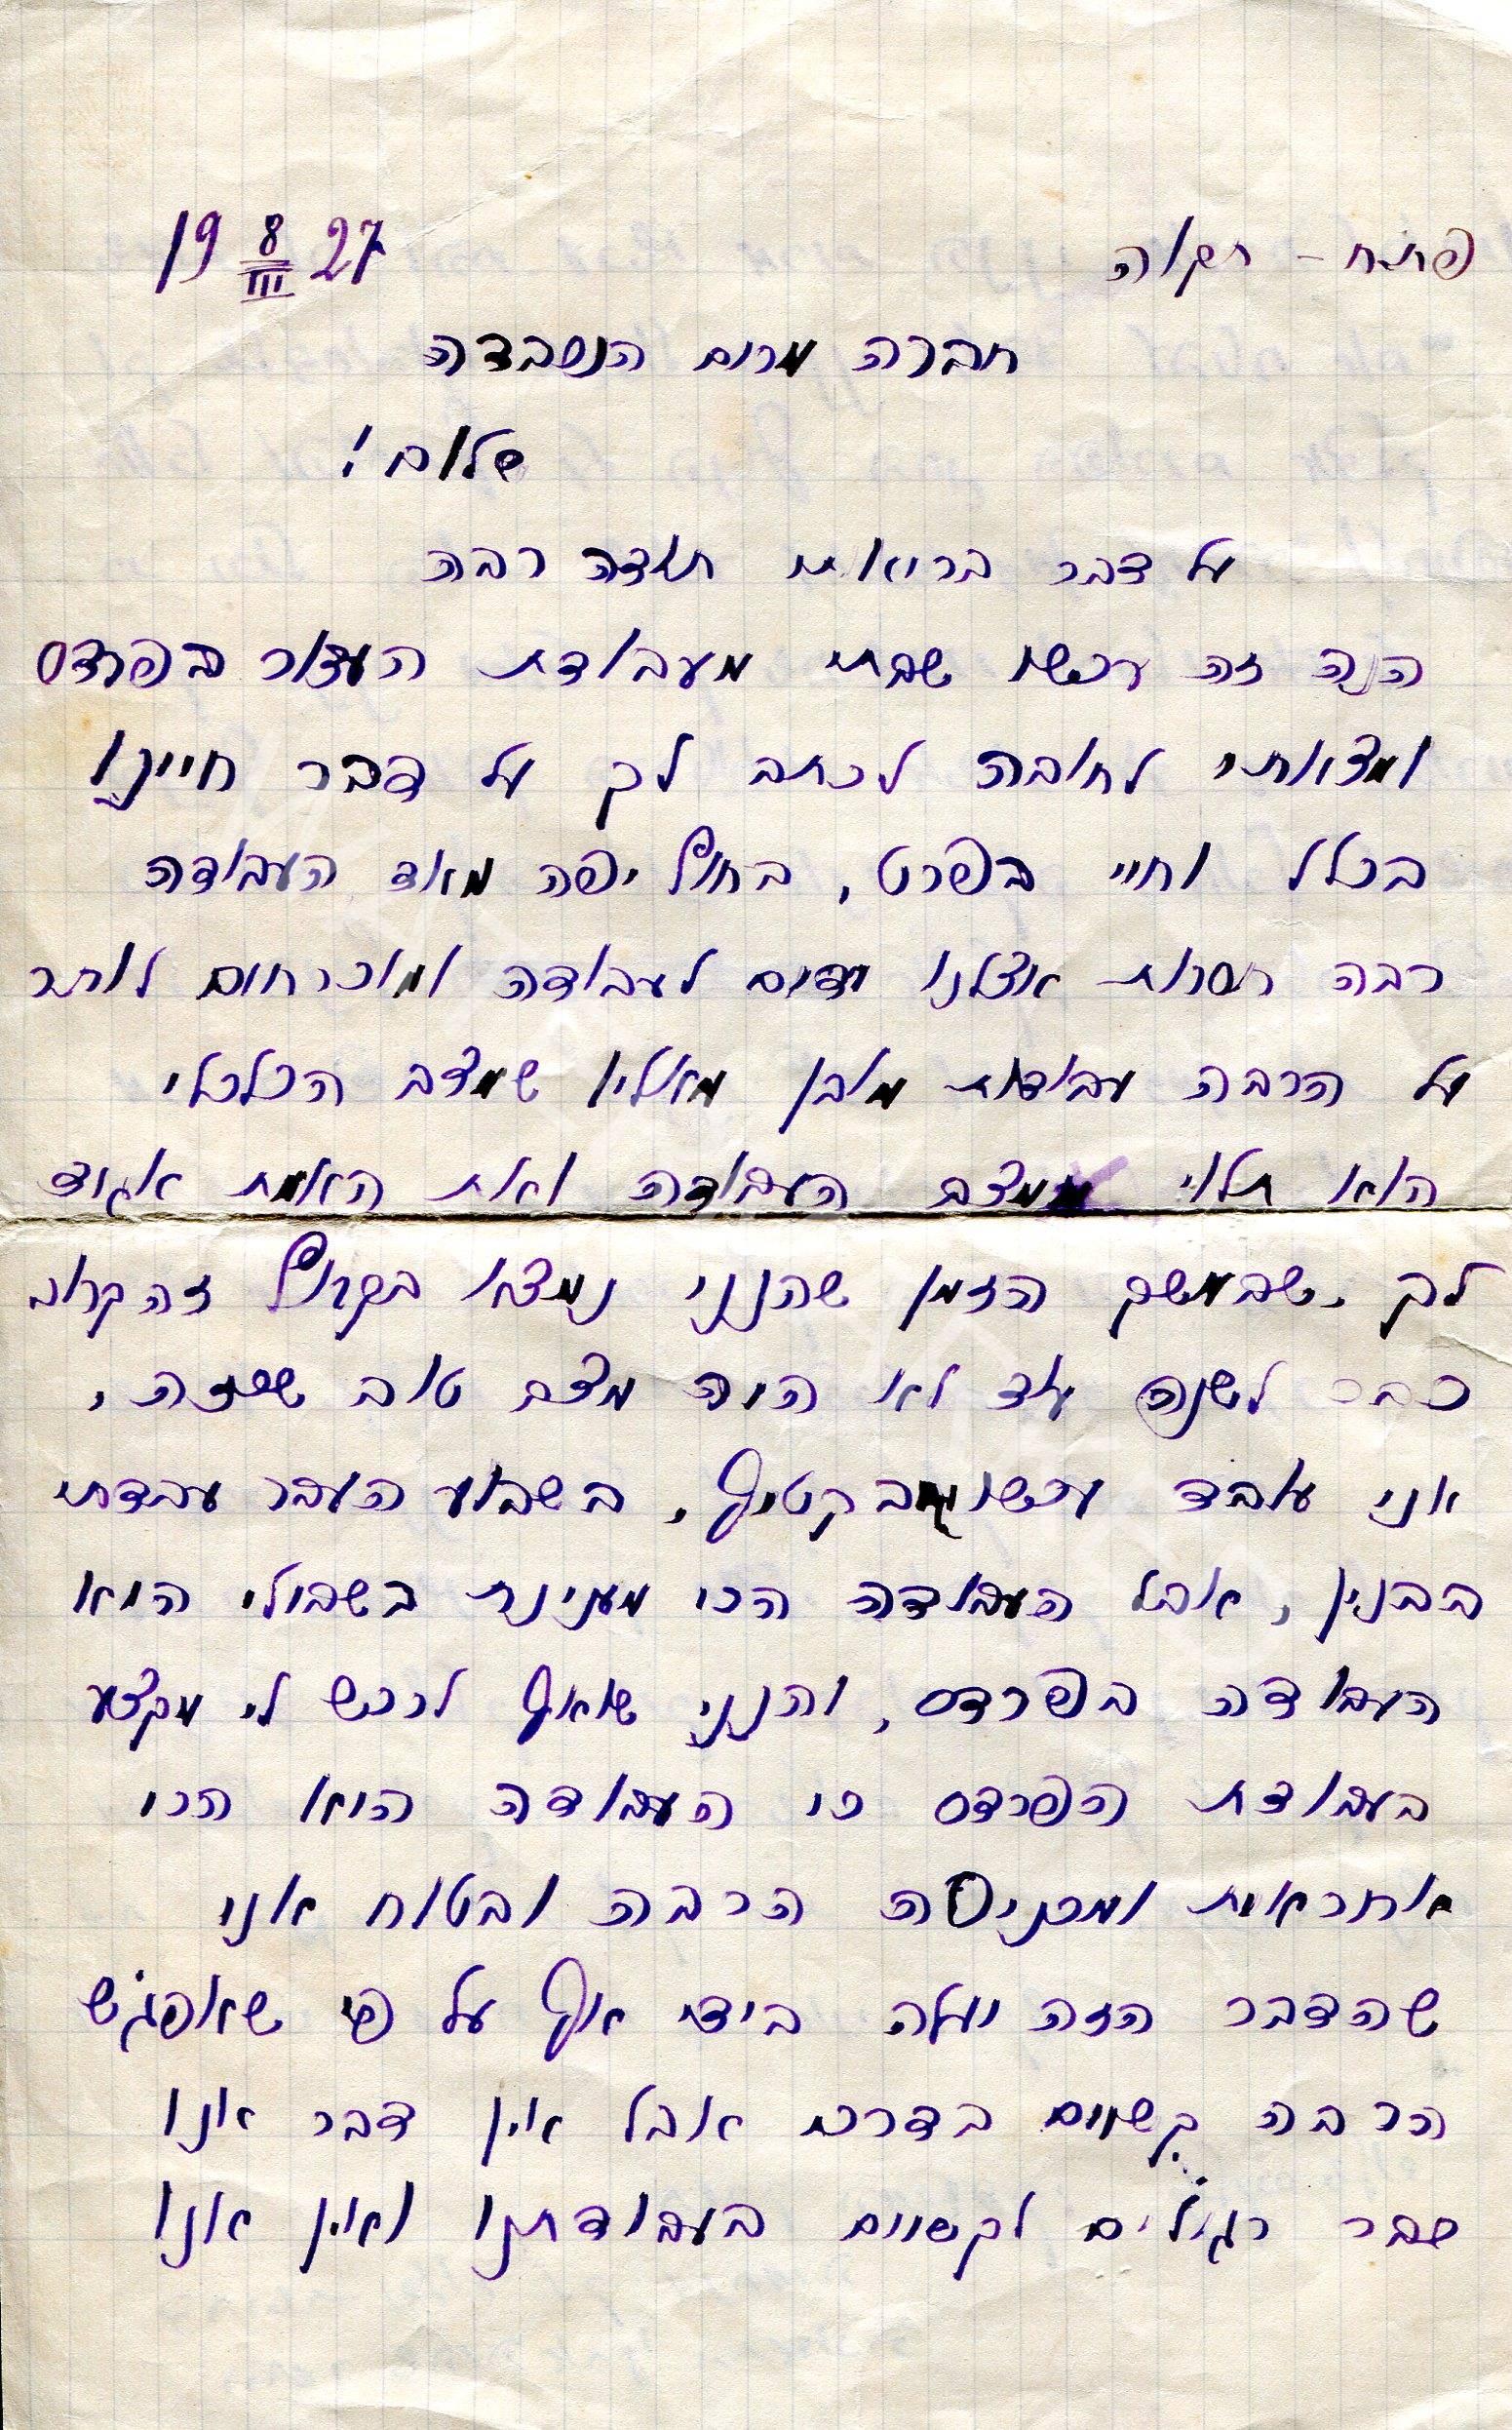 חבלי קליטה בארץ ישראל מכתבי שלום קולקר